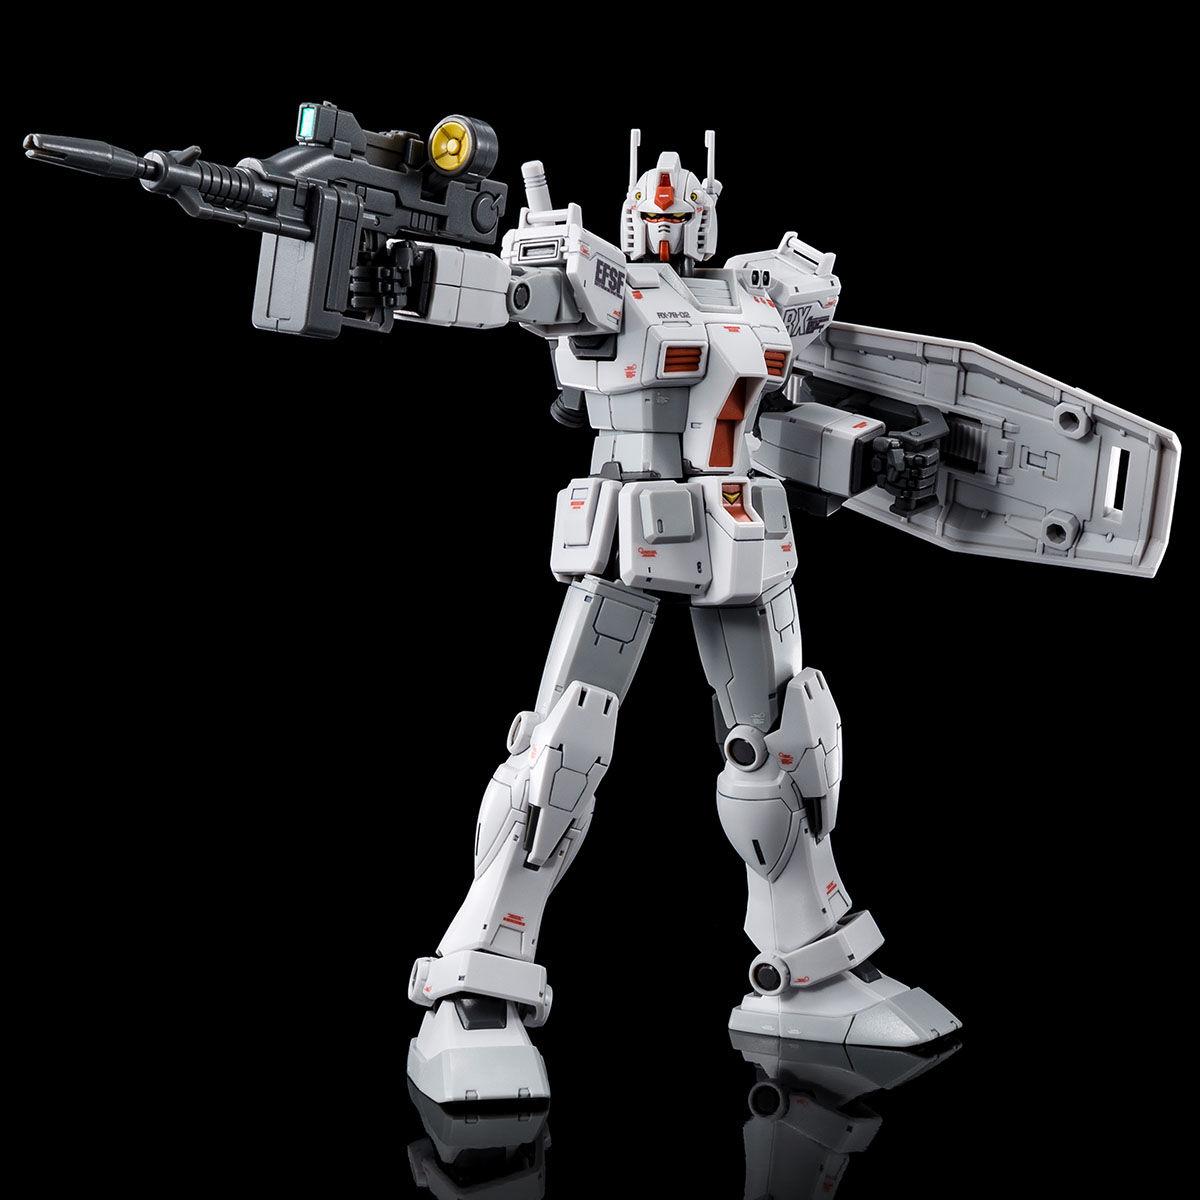 【限定販売】【2次】HG 1/144『RX-78-02 ガンダム ロールアウトカラー(GUNDAM THE ORIGIN版)』プラモデル-003